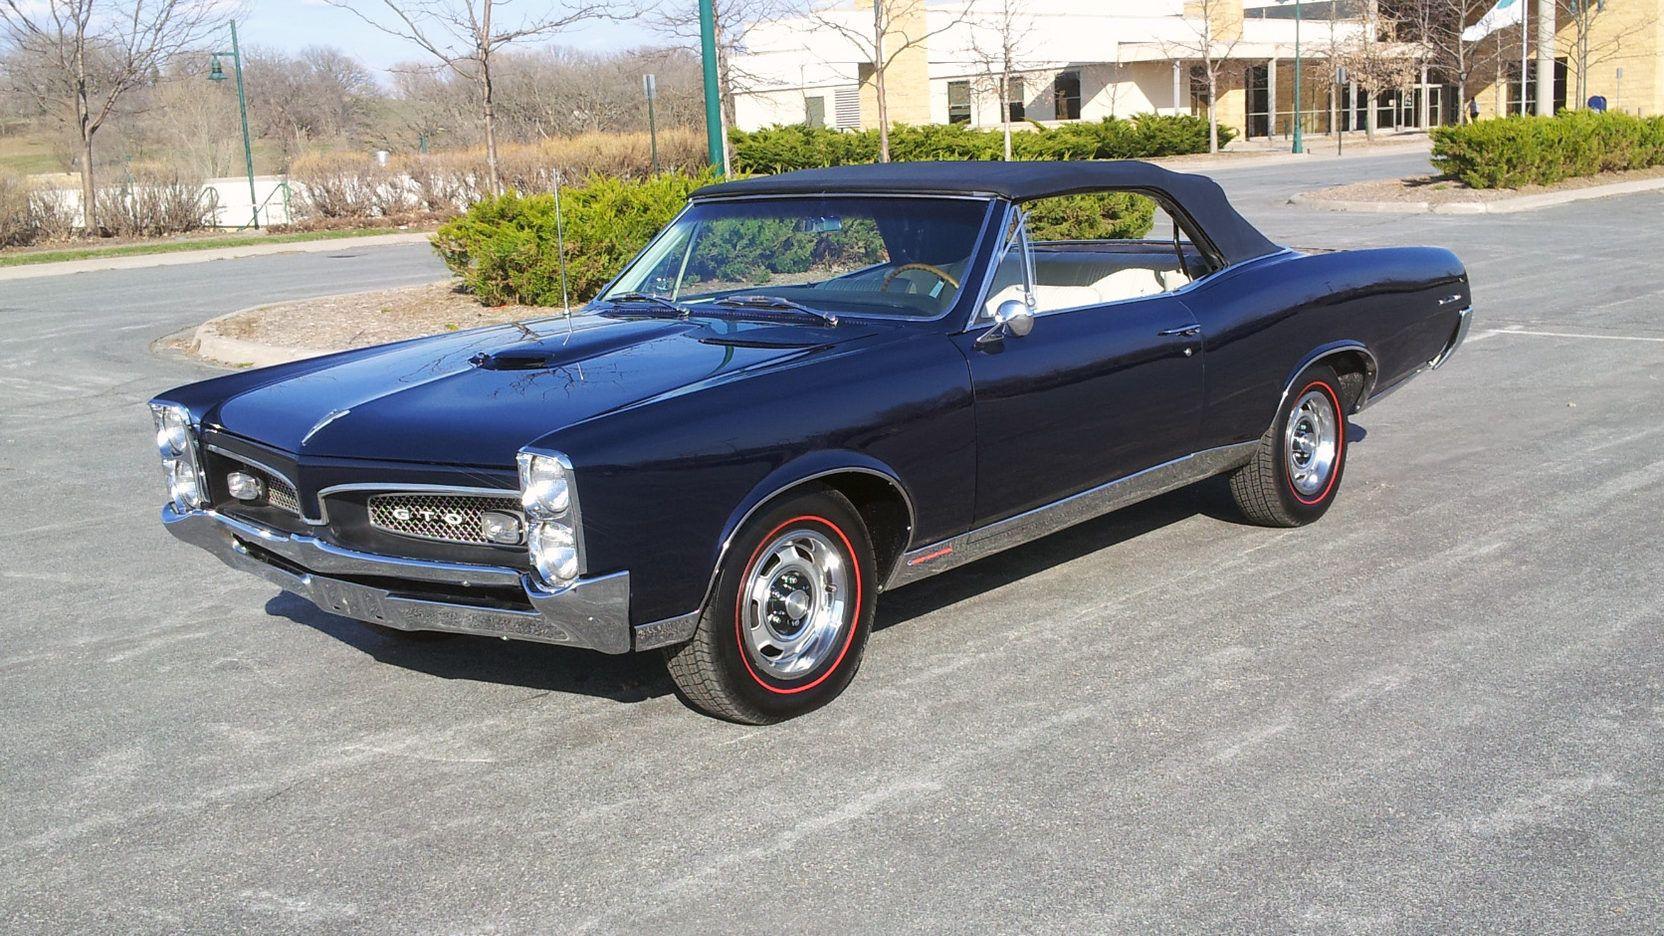 1967 Pontiac Gto Convertible Fathom Blue W Parchment Interior My Dream Car Pontiac Gto Gto Pontiac